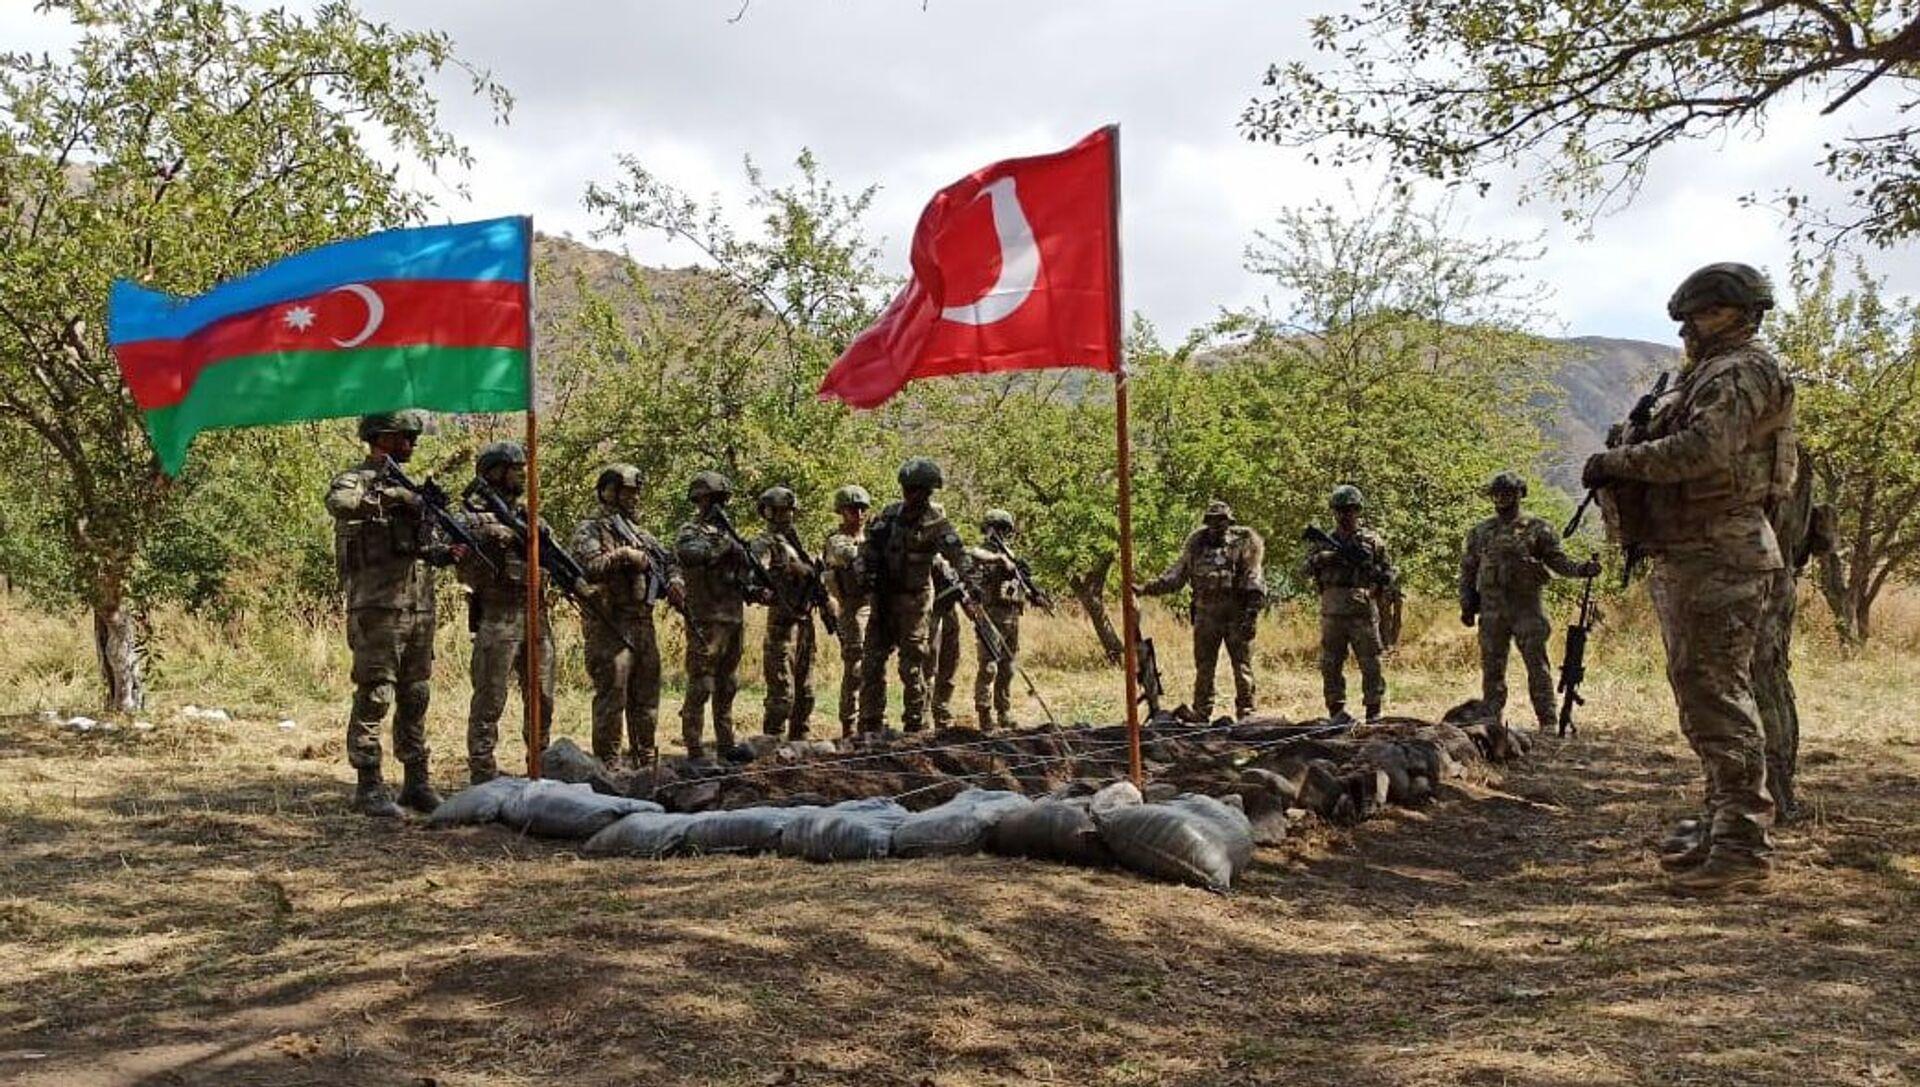 В Лачинском районе начались совместные азербайджано-турецкие учения - Sputnik Azərbaycan, 1920, 08.09.2021